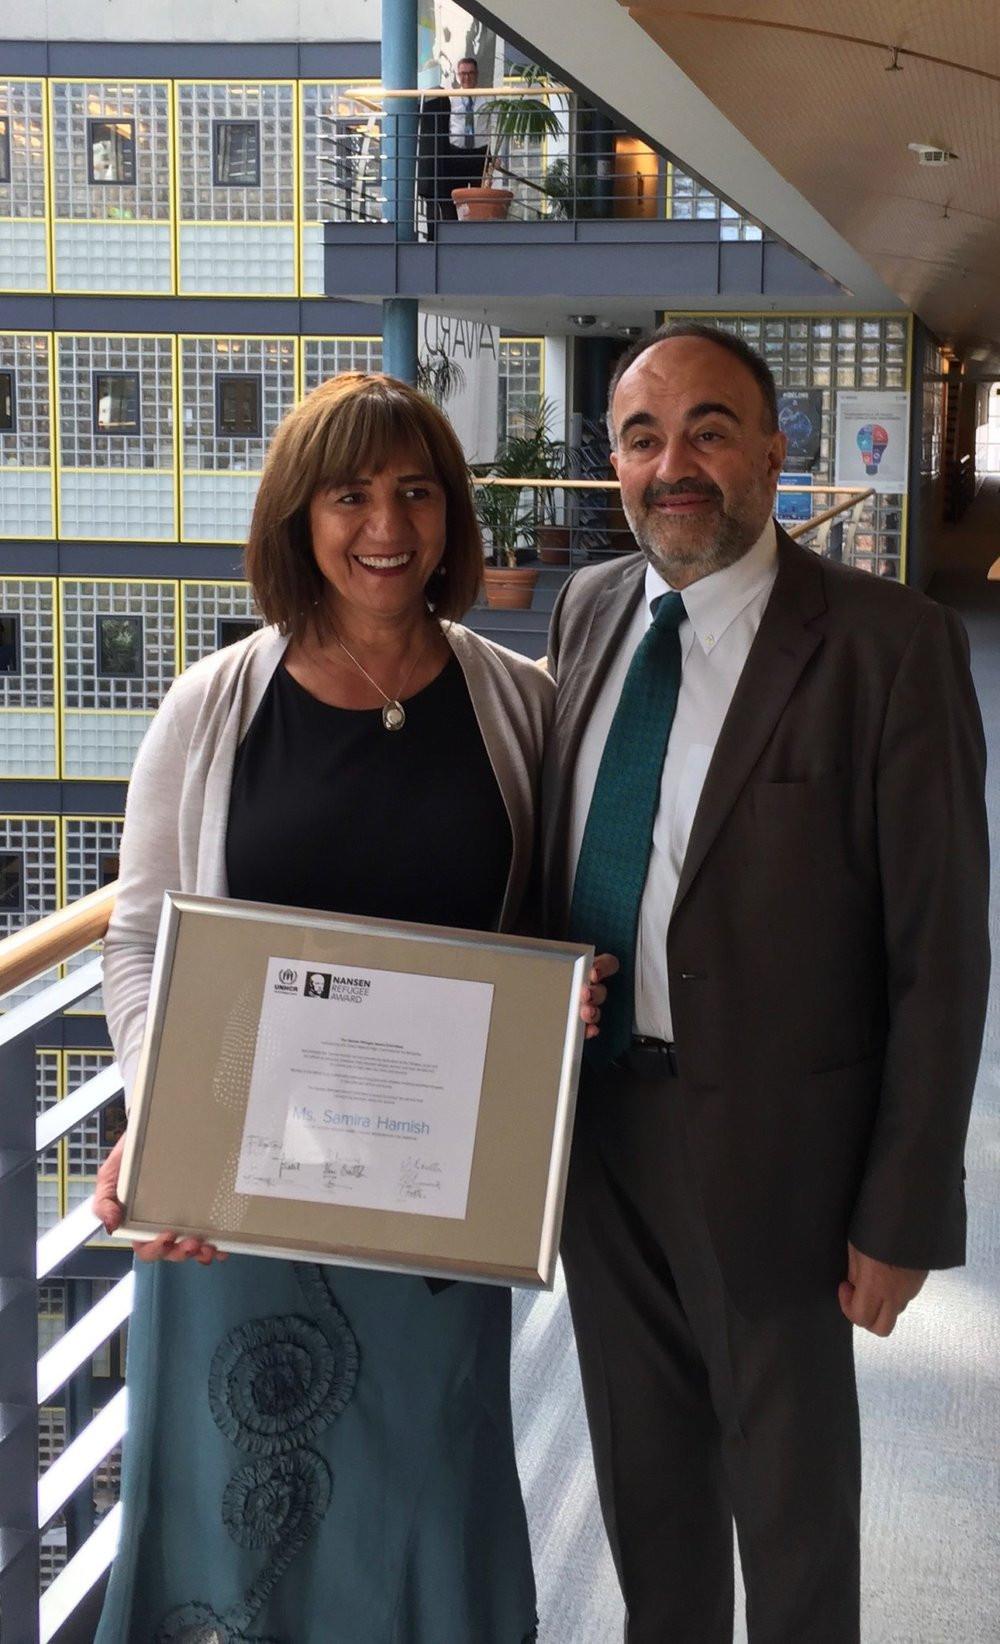 Samira & Nansen Award.jpg